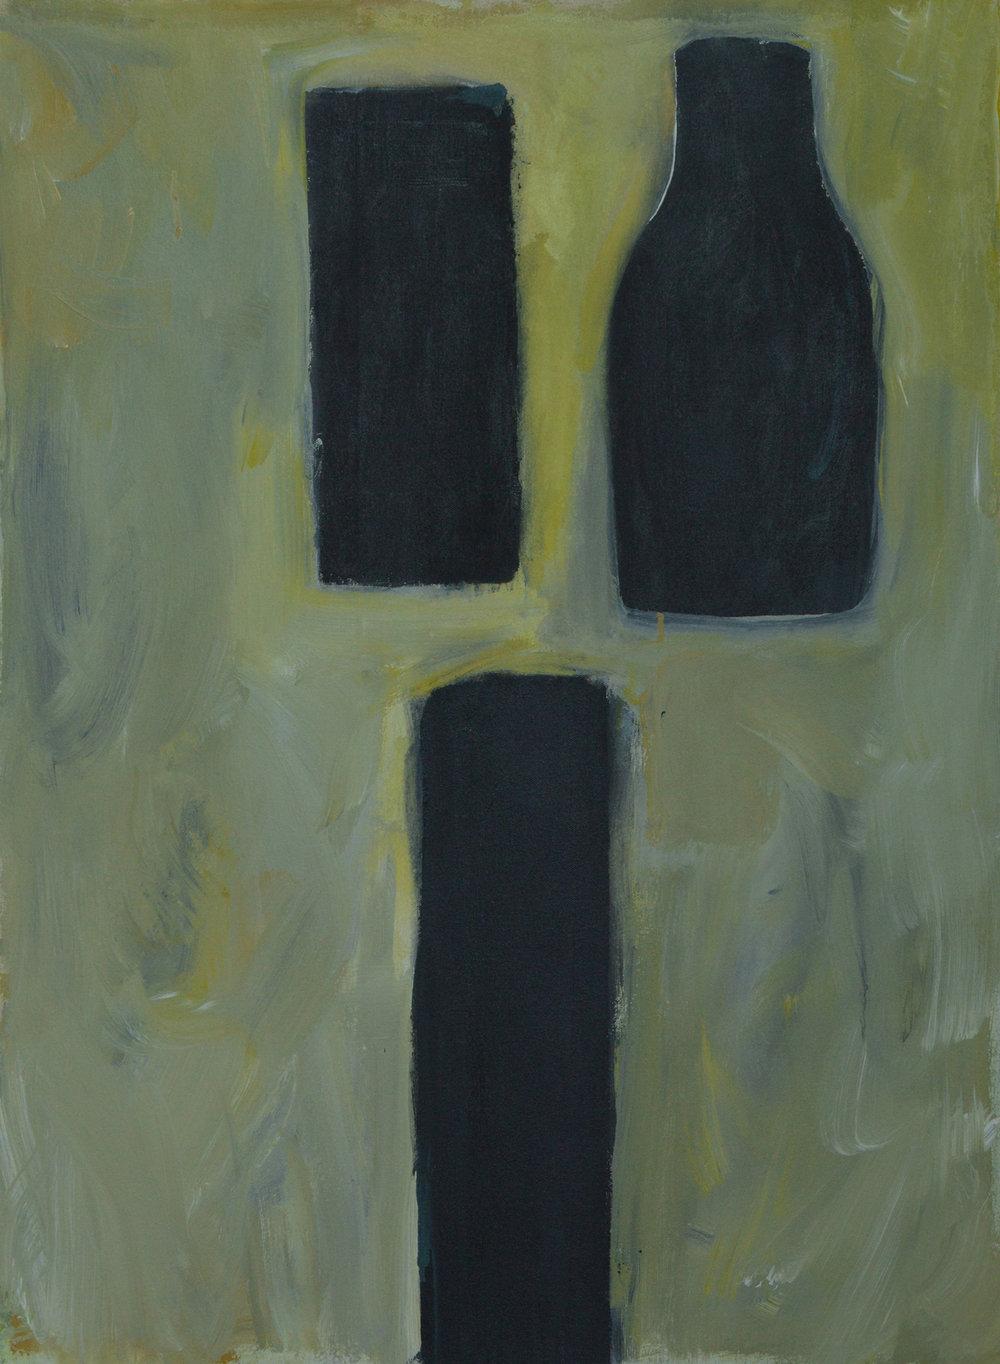 2.2 2009 3 Dark. 2009. 34x25. Acrylic on Canvas. Vessel